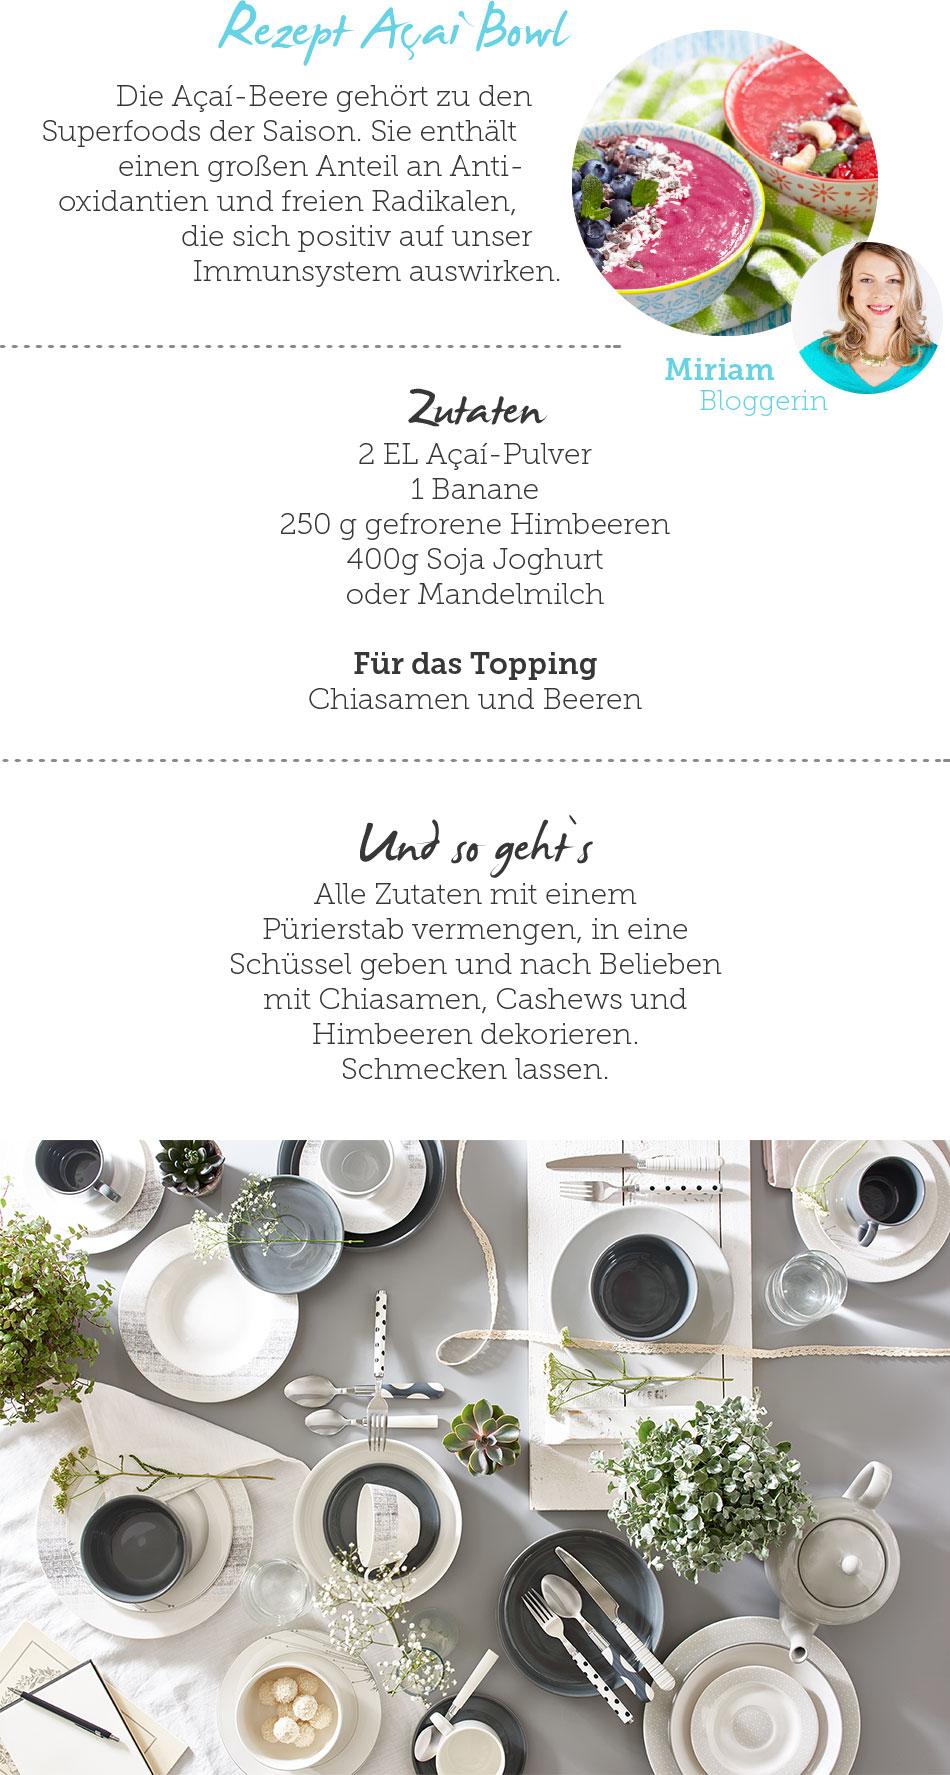 express katalog geschirr mit rezept m bel h ffner. Black Bedroom Furniture Sets. Home Design Ideas